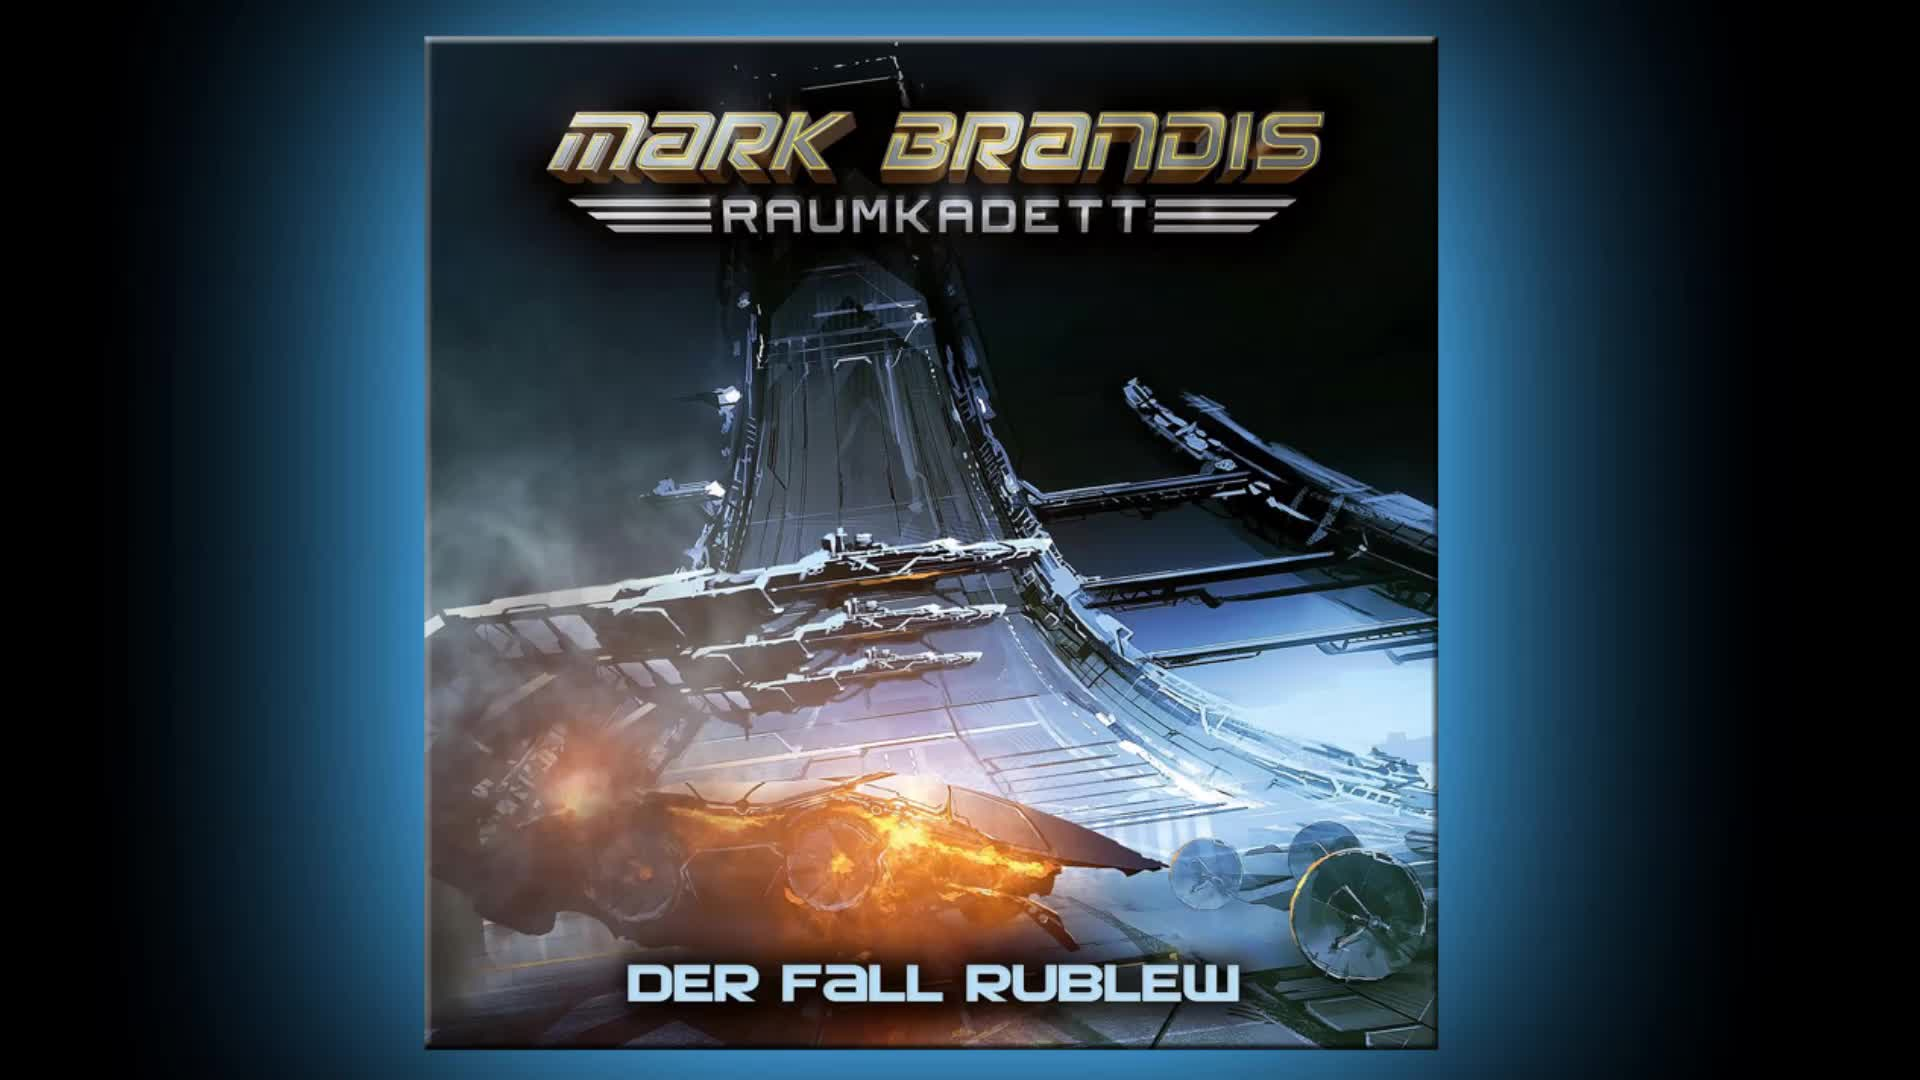 Folgenreich, Mark Brandis Raumkadett - 12: Der Fall Rublew (Hörprobe)